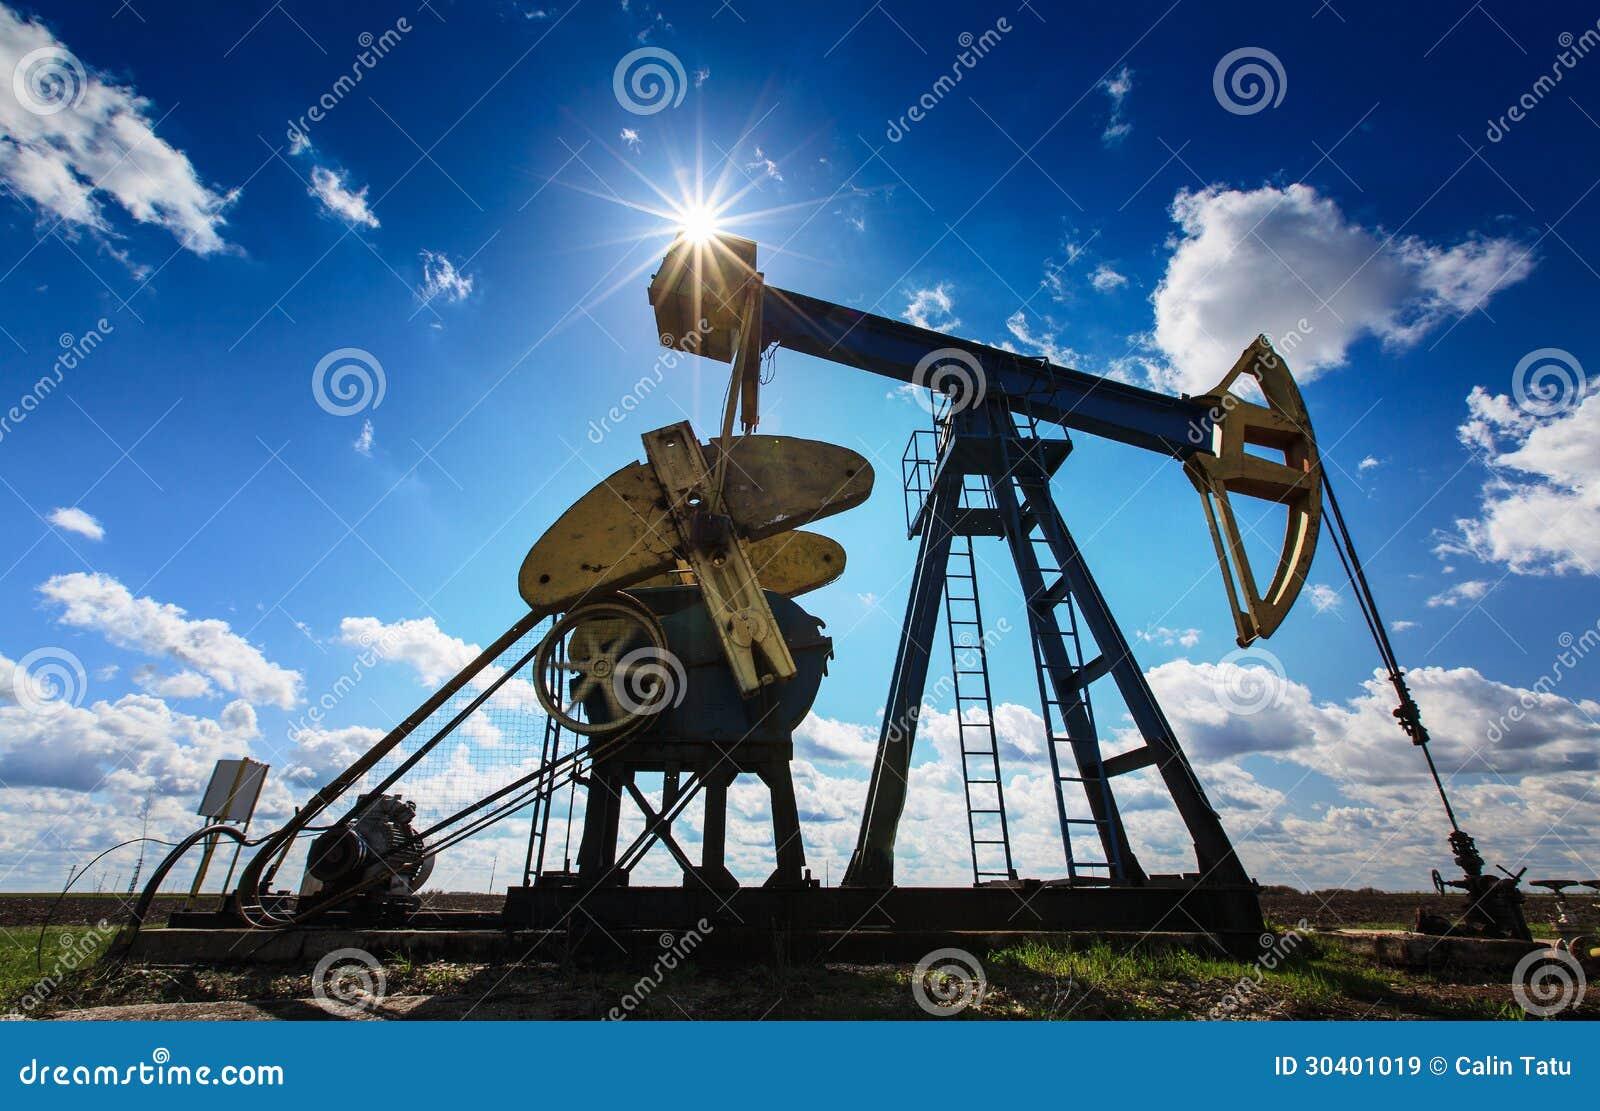 Λειτουργούντα πετρέλαιο και φυσικό αέριο που σχεδιάζουν περίγραμμα καλά στον ηλιόλουστο ουρανό